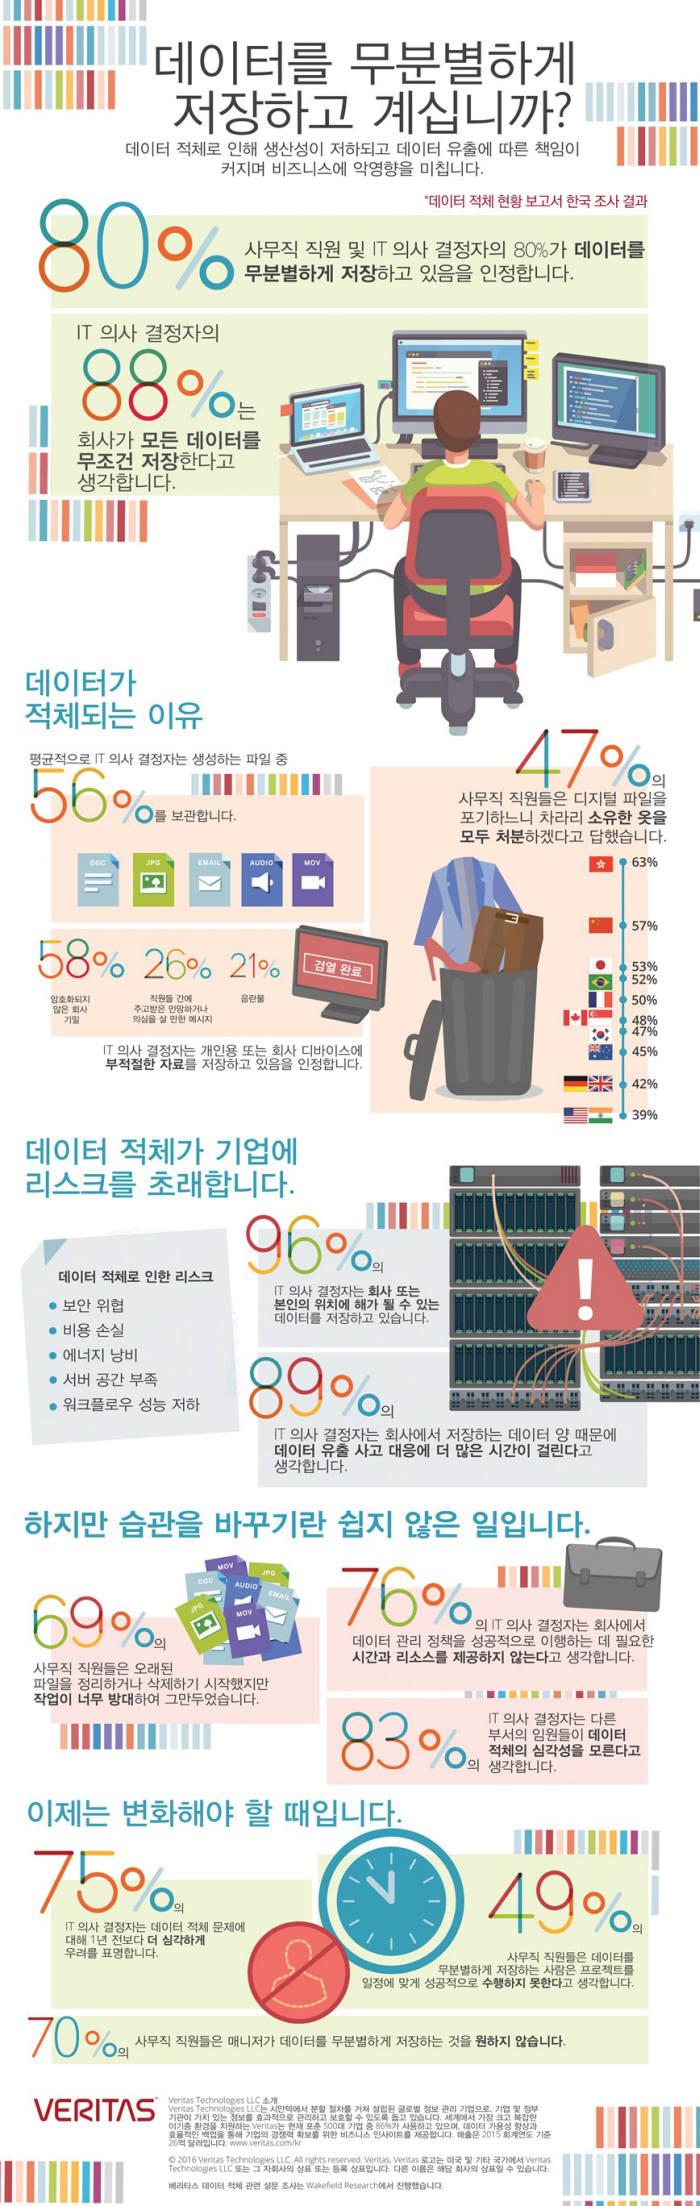 `한국 데이터 적체 현황 보고서`, 베리타스 제공